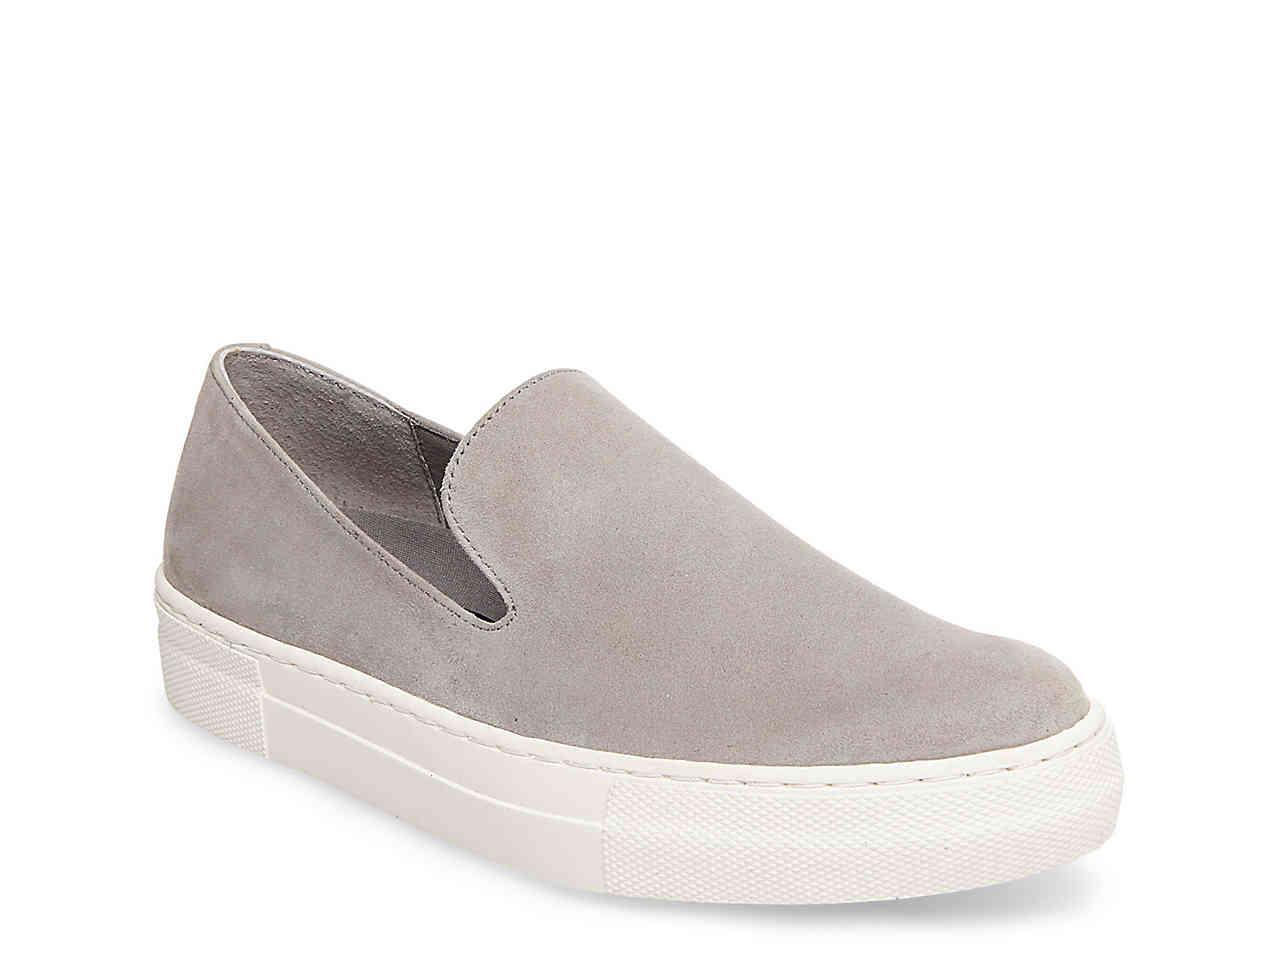 4f6f870bfb5 Lyst - Steven by Steve Madden Arden Slip-on Sneaker in Gray